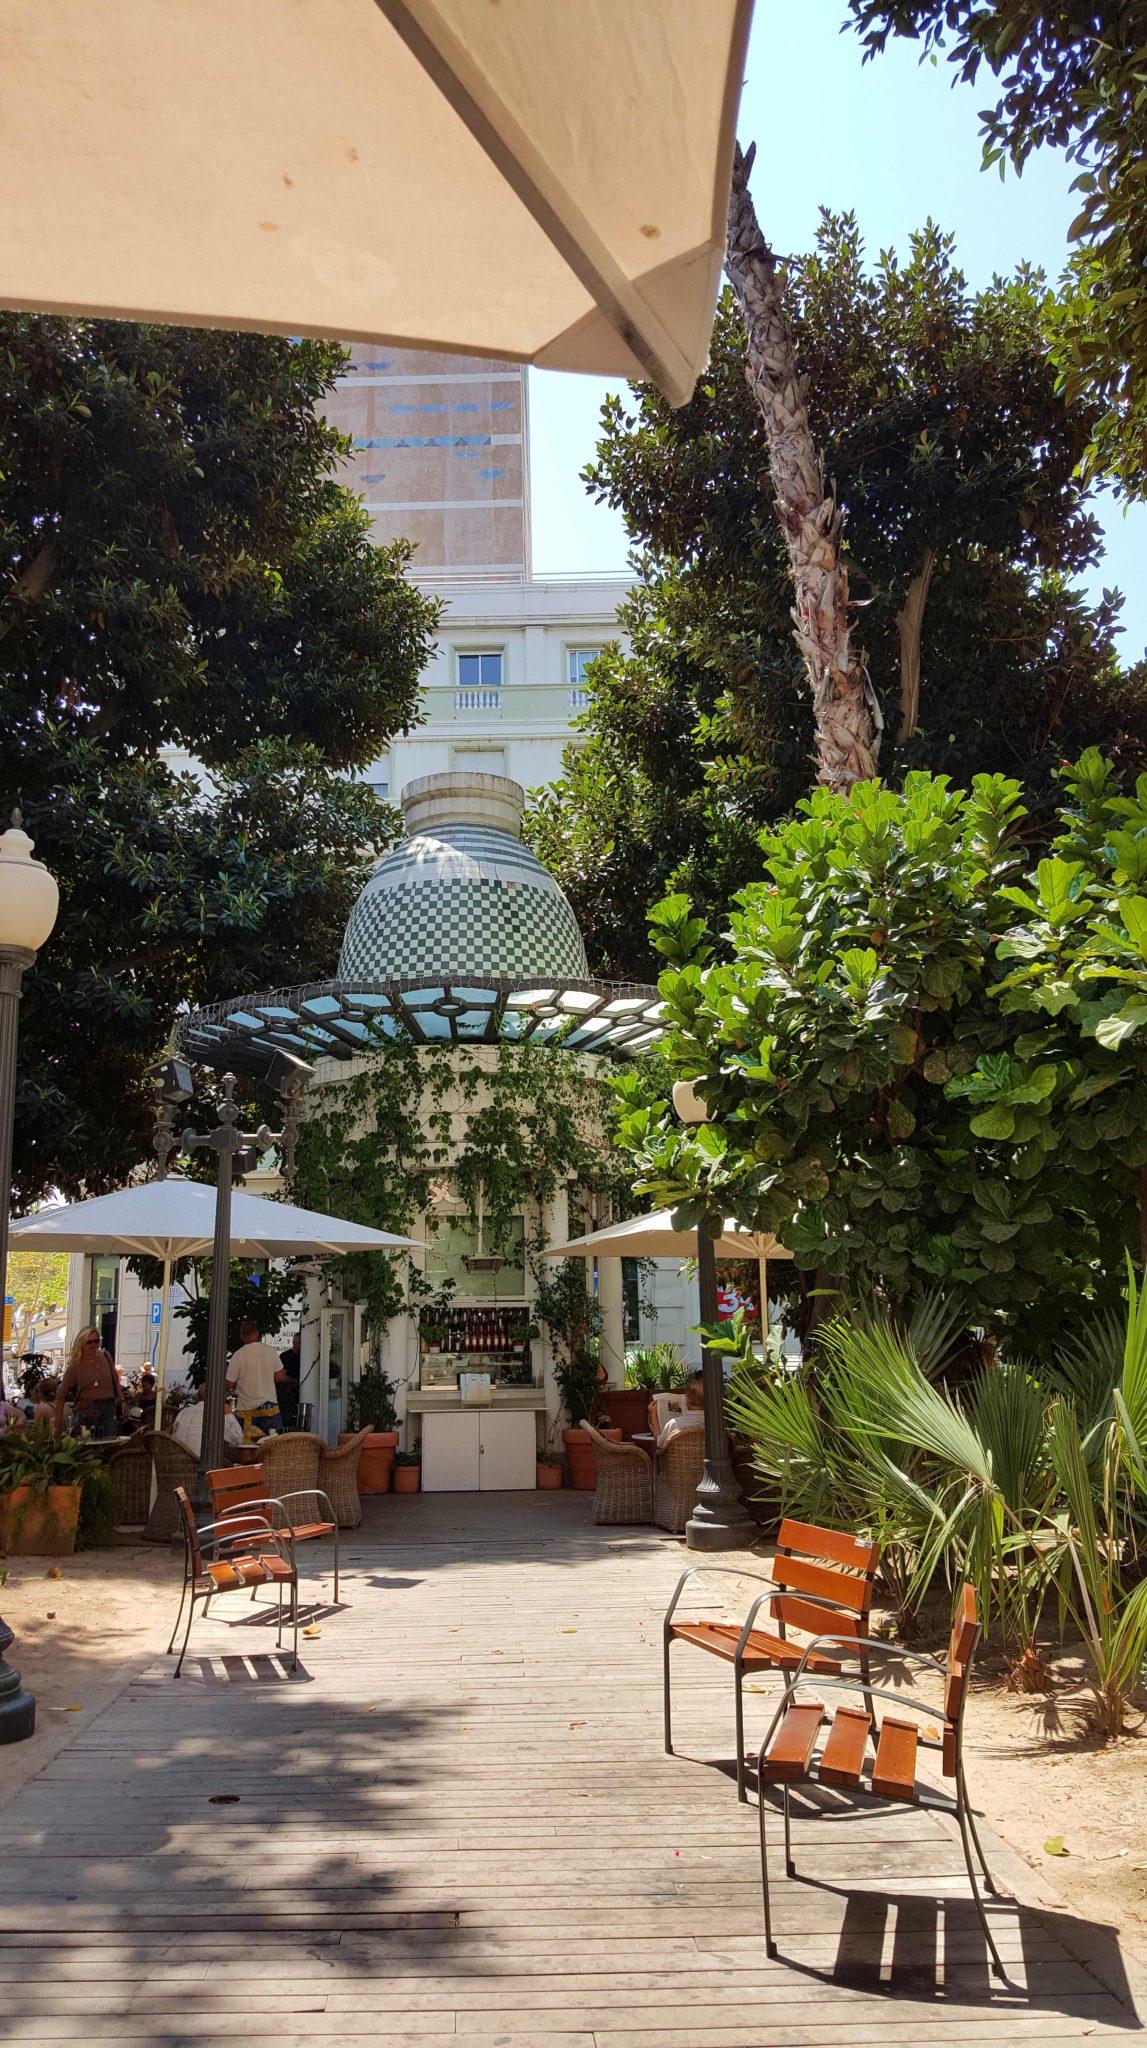 Soho Café Parc, Alicante - Espanha © Viaje Comigo